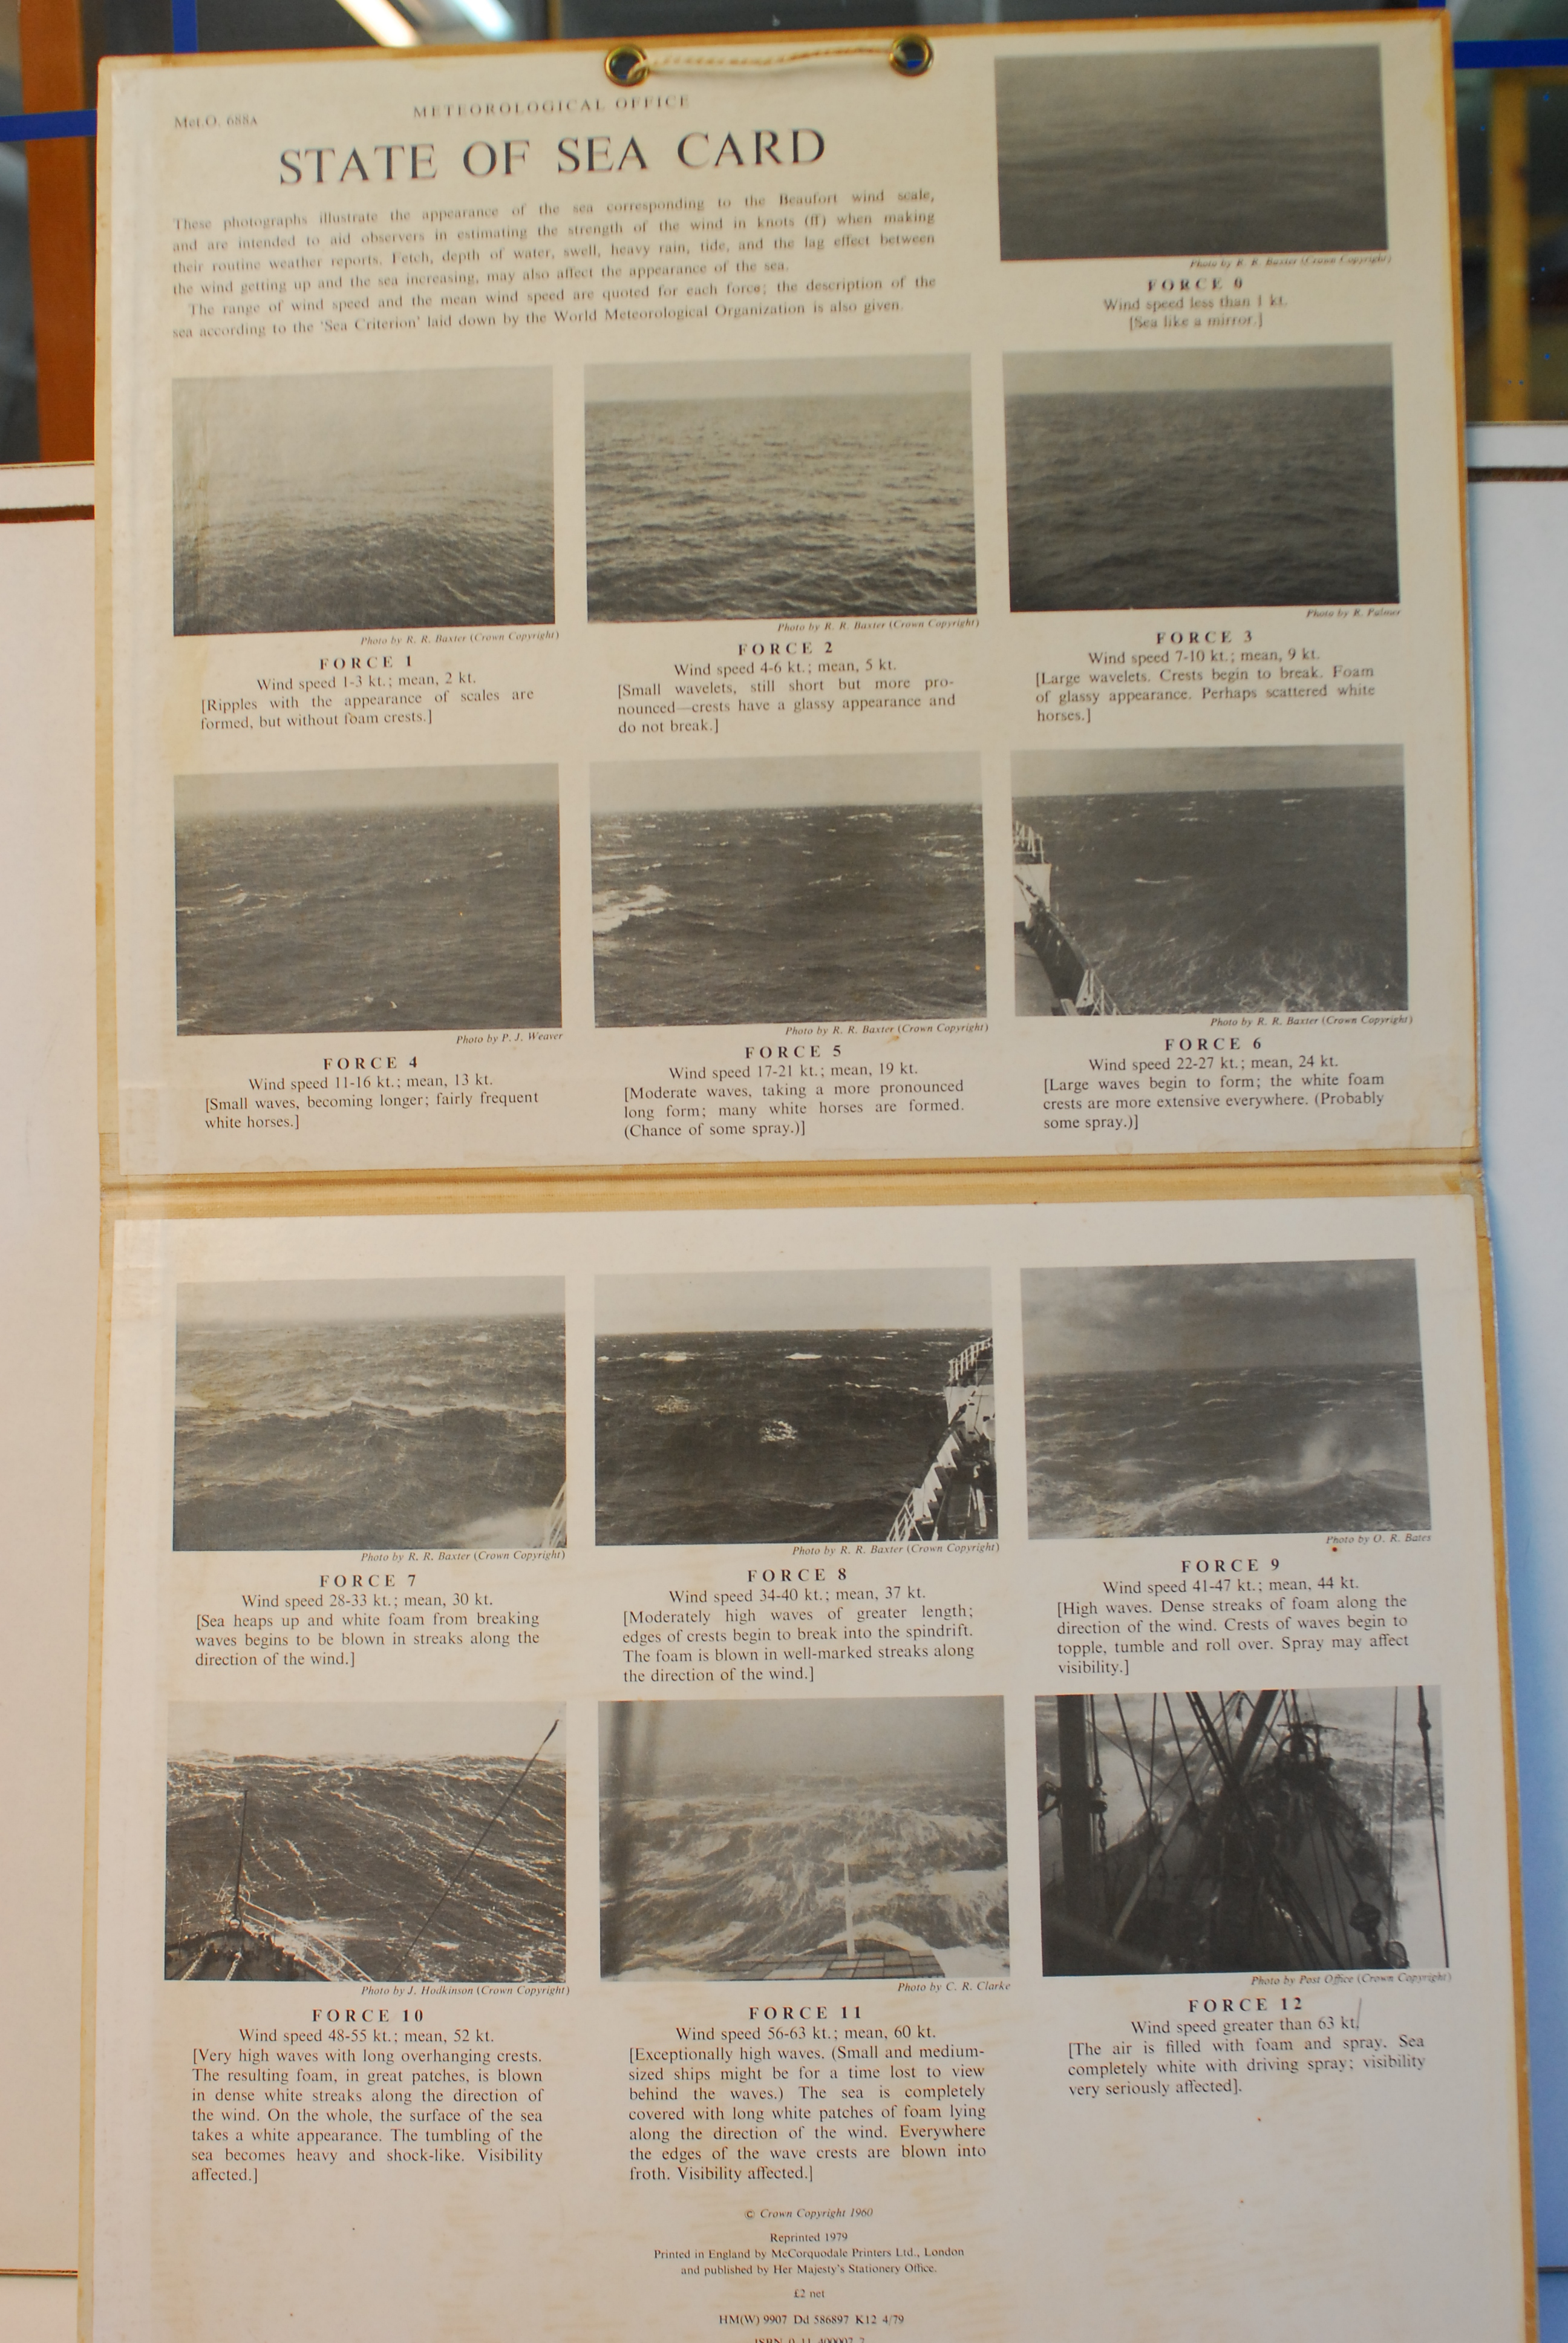 kaart, toestand van de zee in verschillende fasen op een kaart